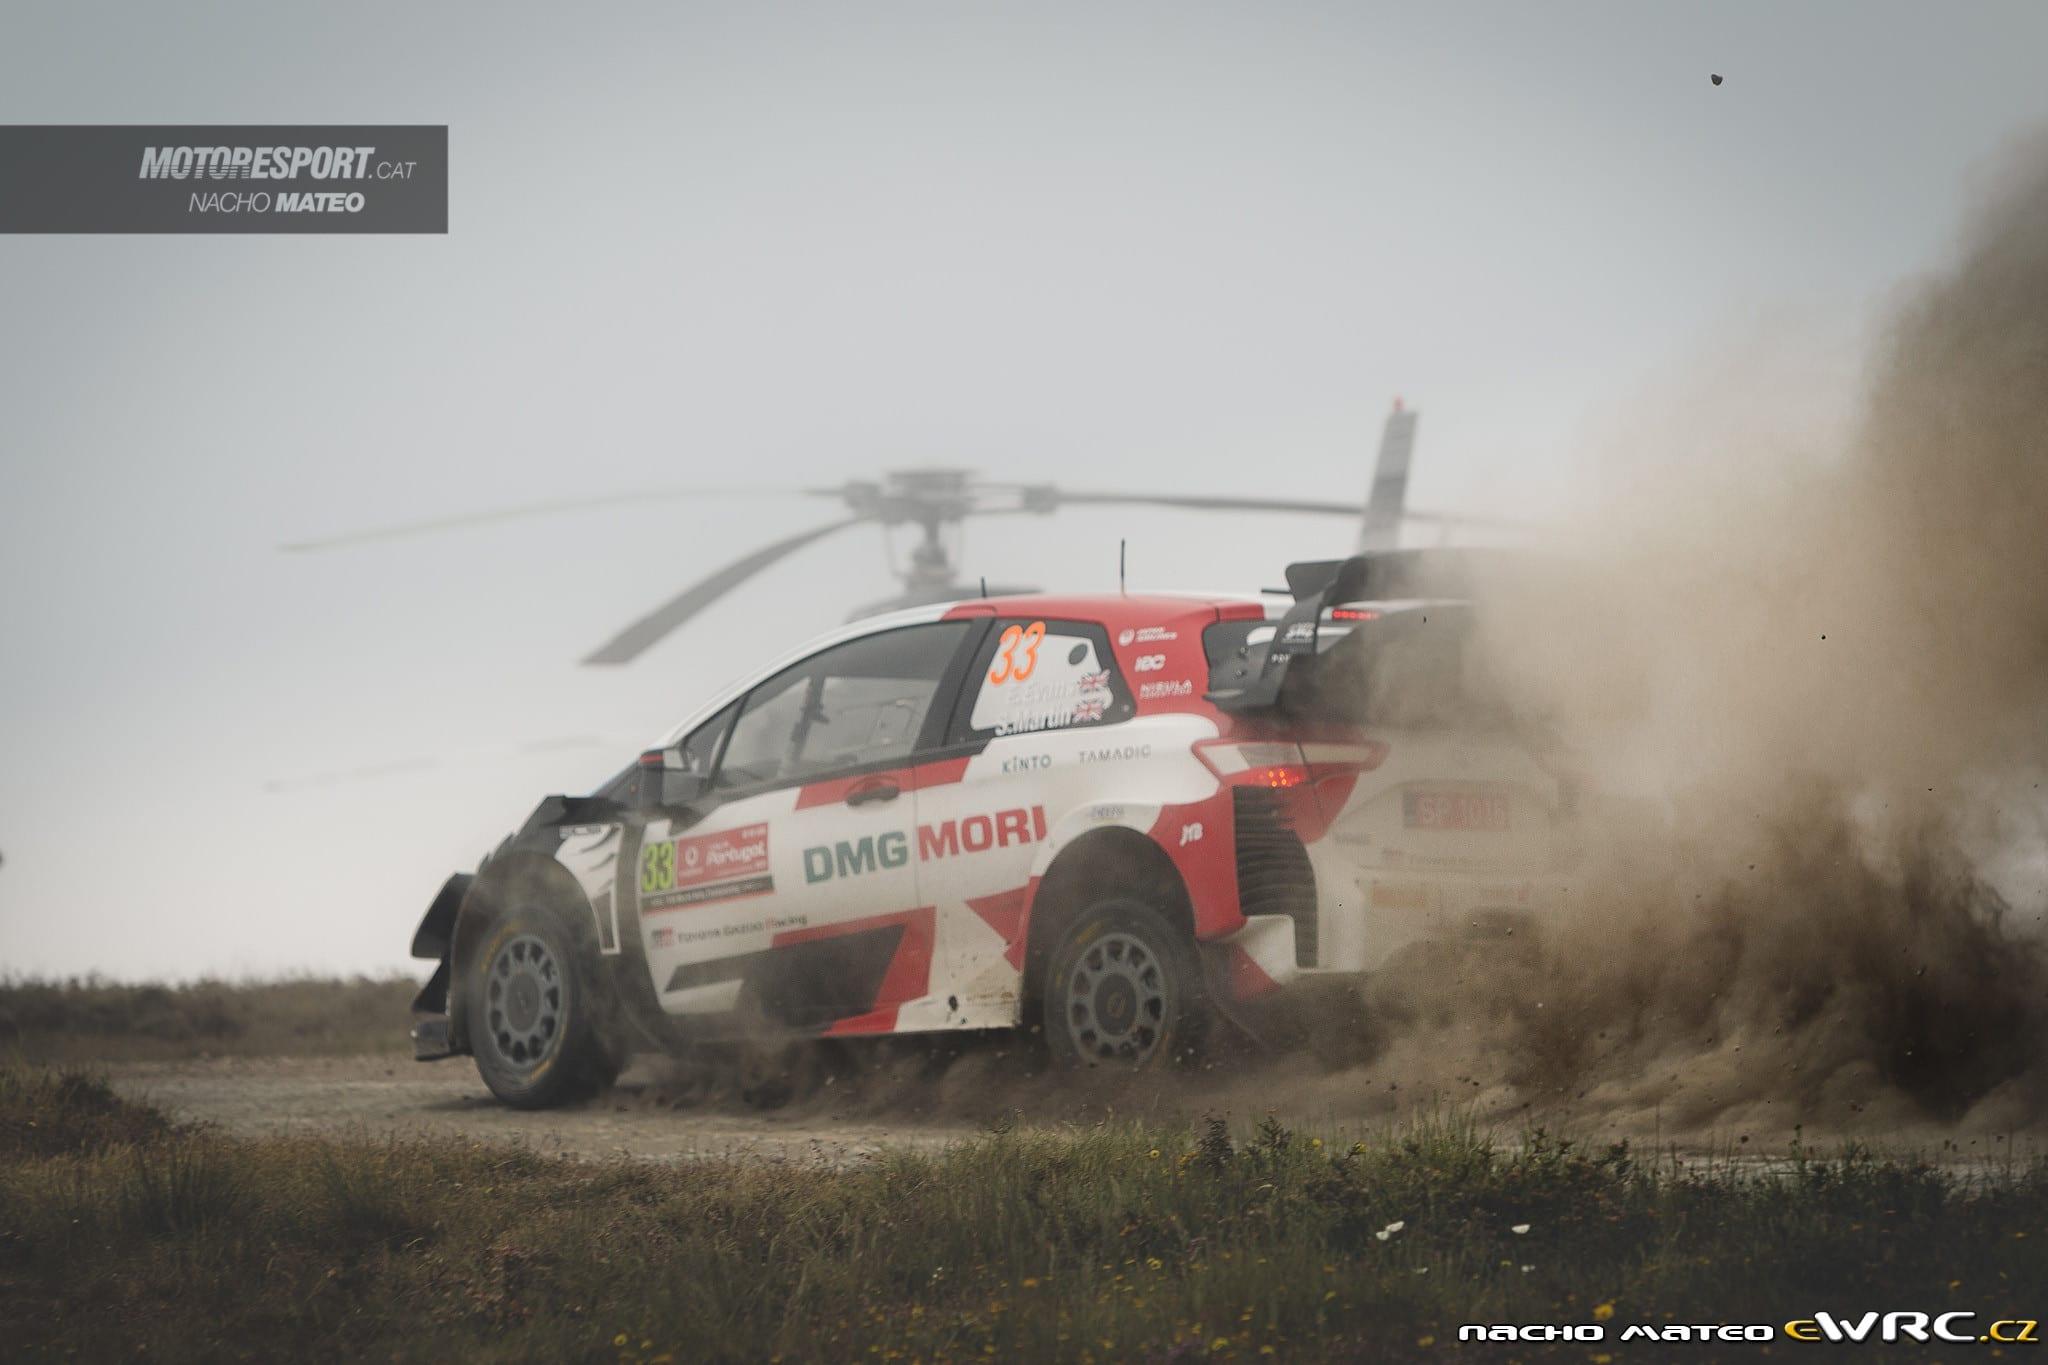 WRC 2021 : Νίκη για Evans - Martin στο Ράλλυ Πορτογαλίας